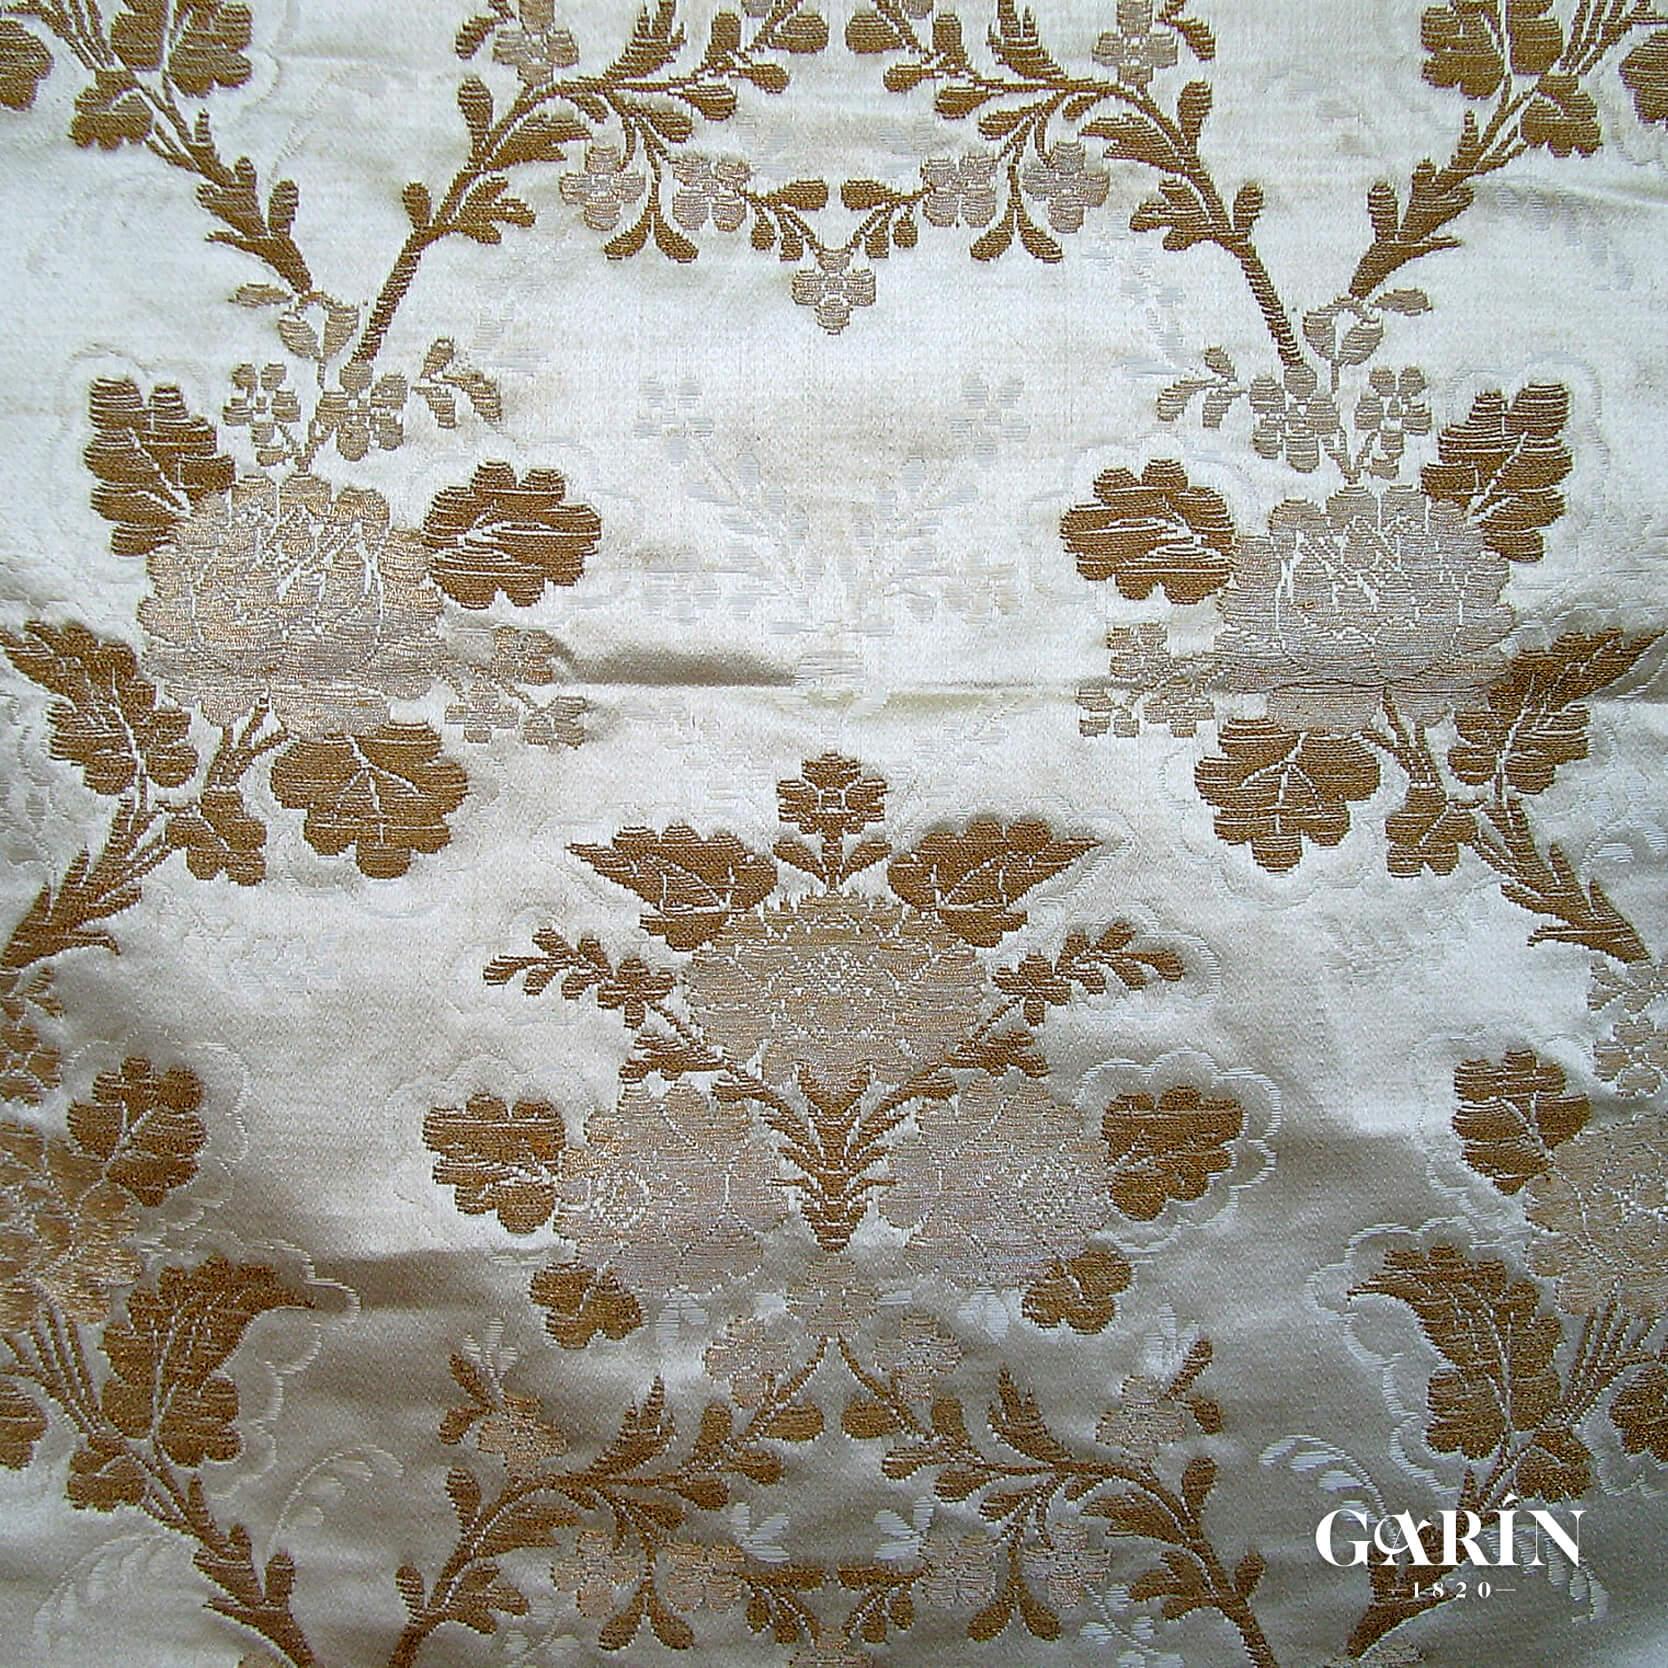 diseños valencianos espolín Soria Garín